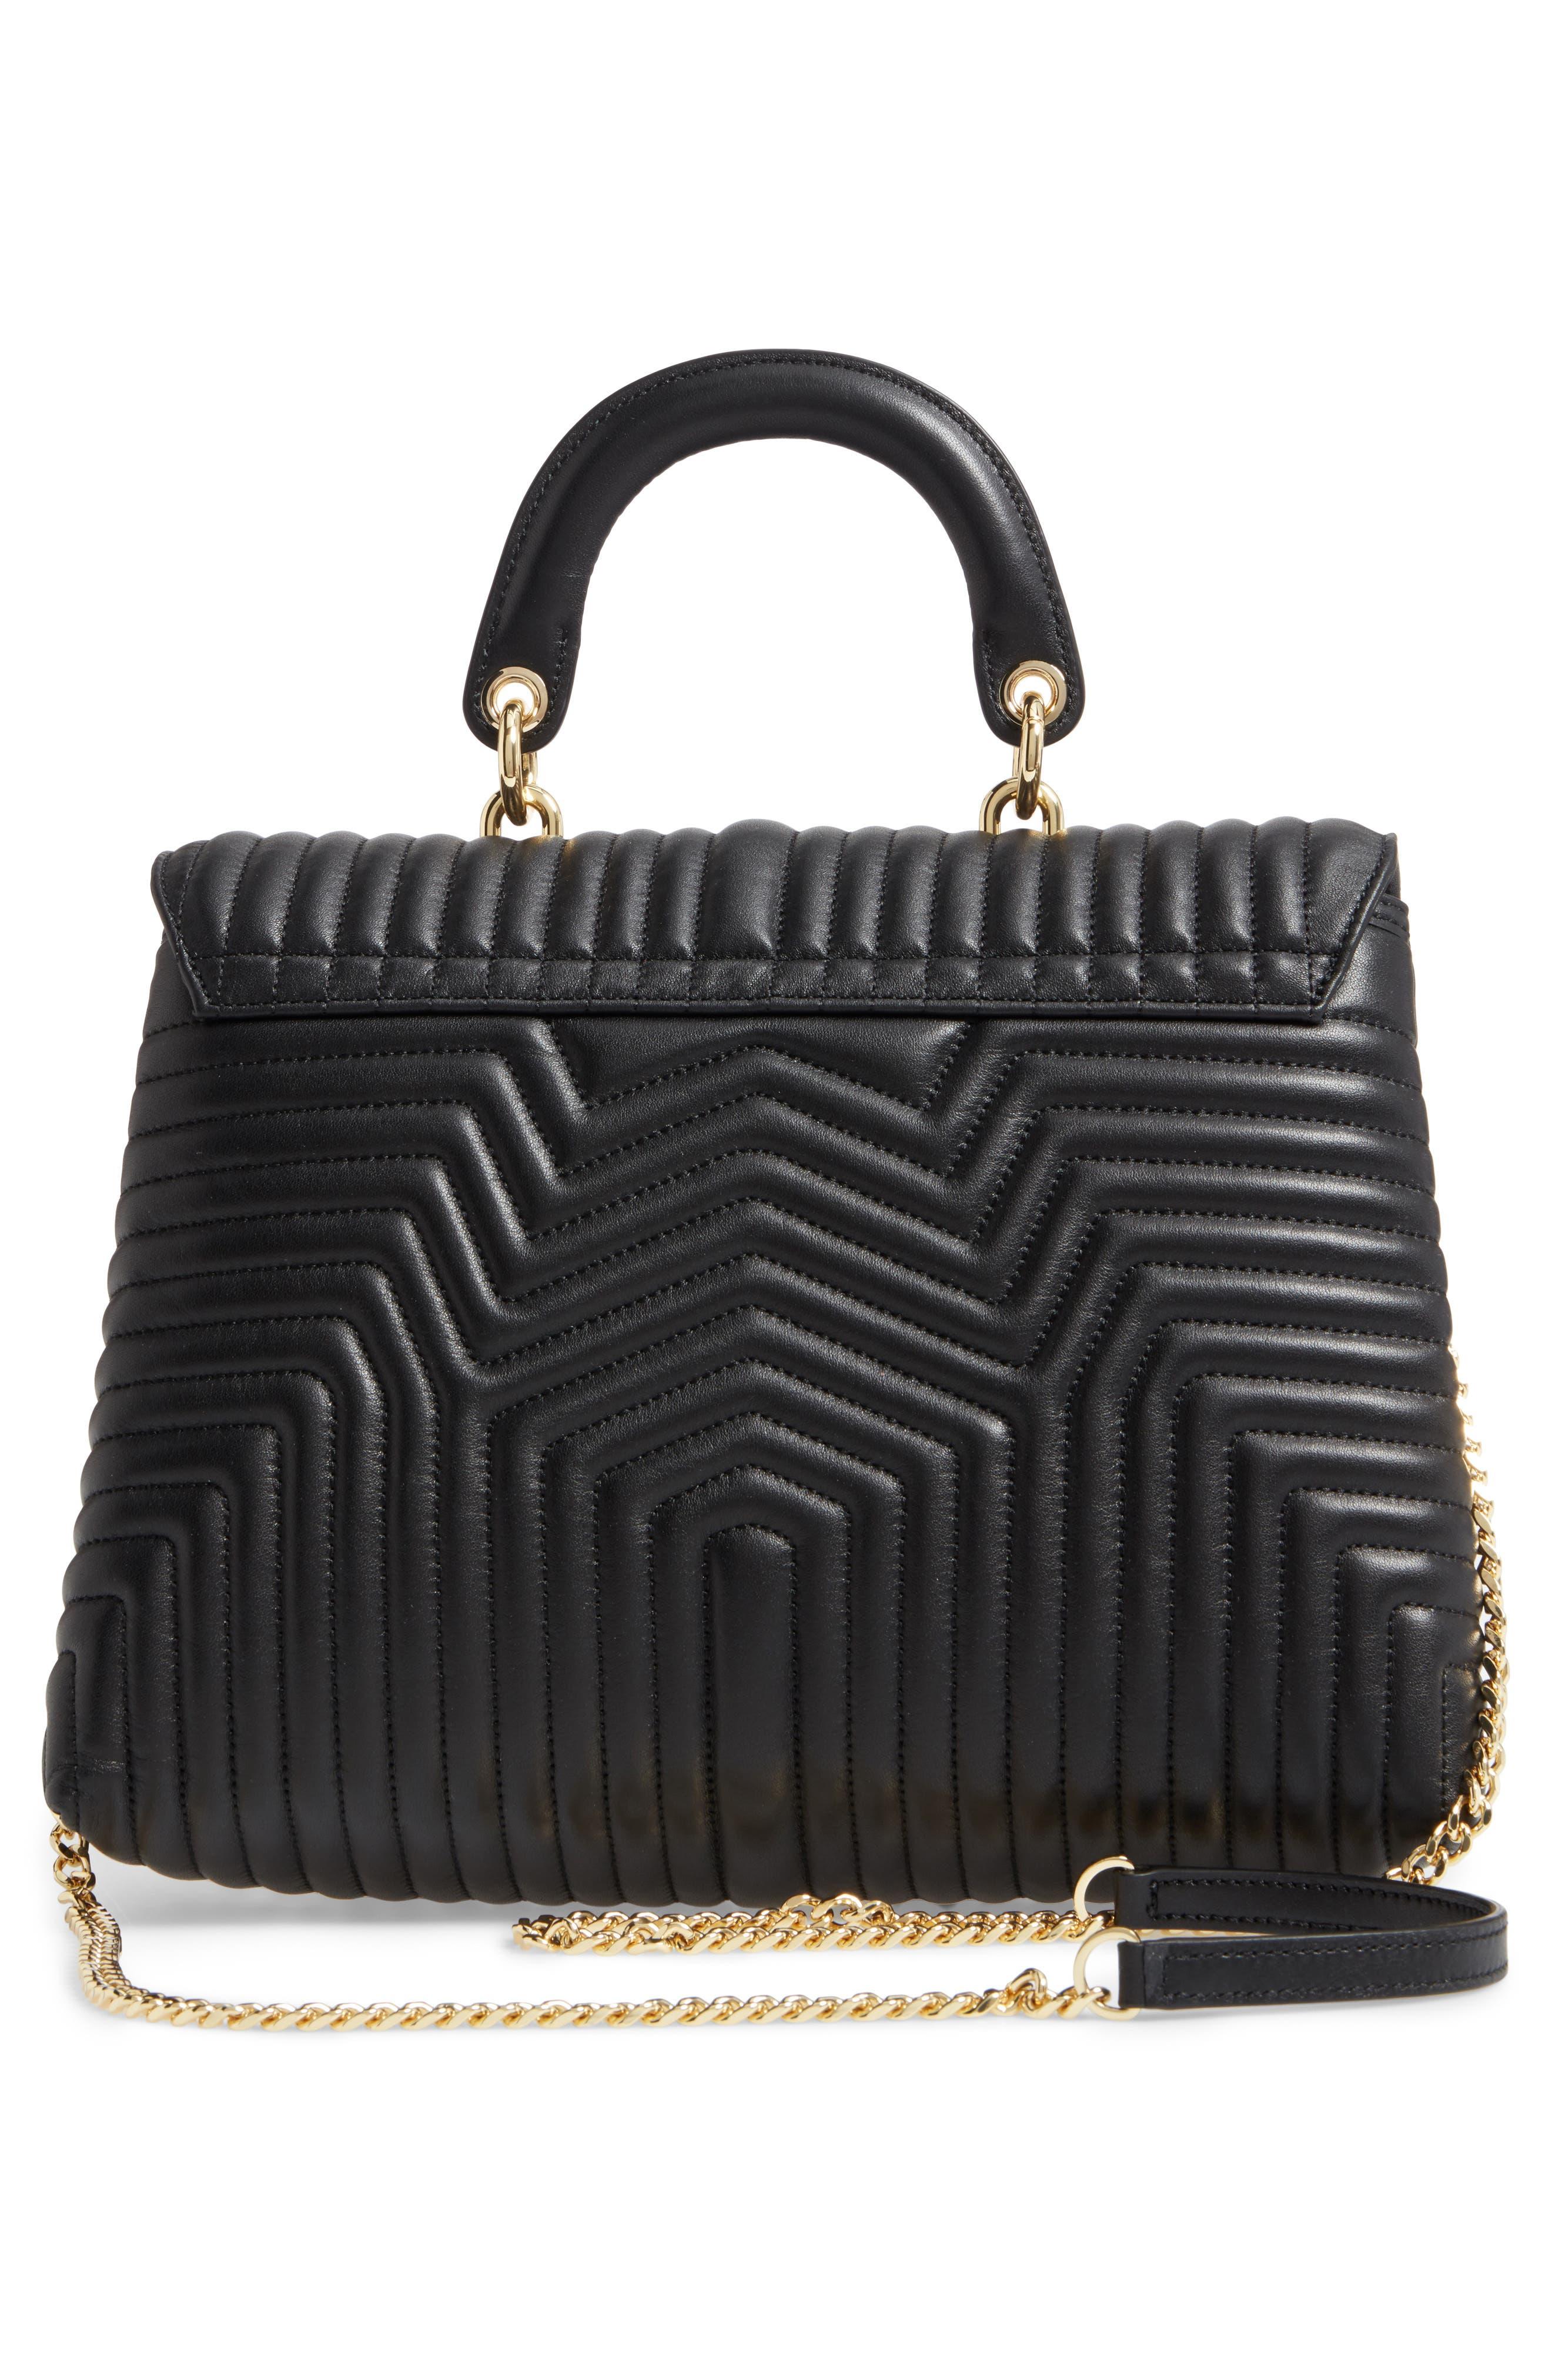 Vivida Quilted Leather Shoulder Bag,                             Alternate thumbnail 3, color,                             001